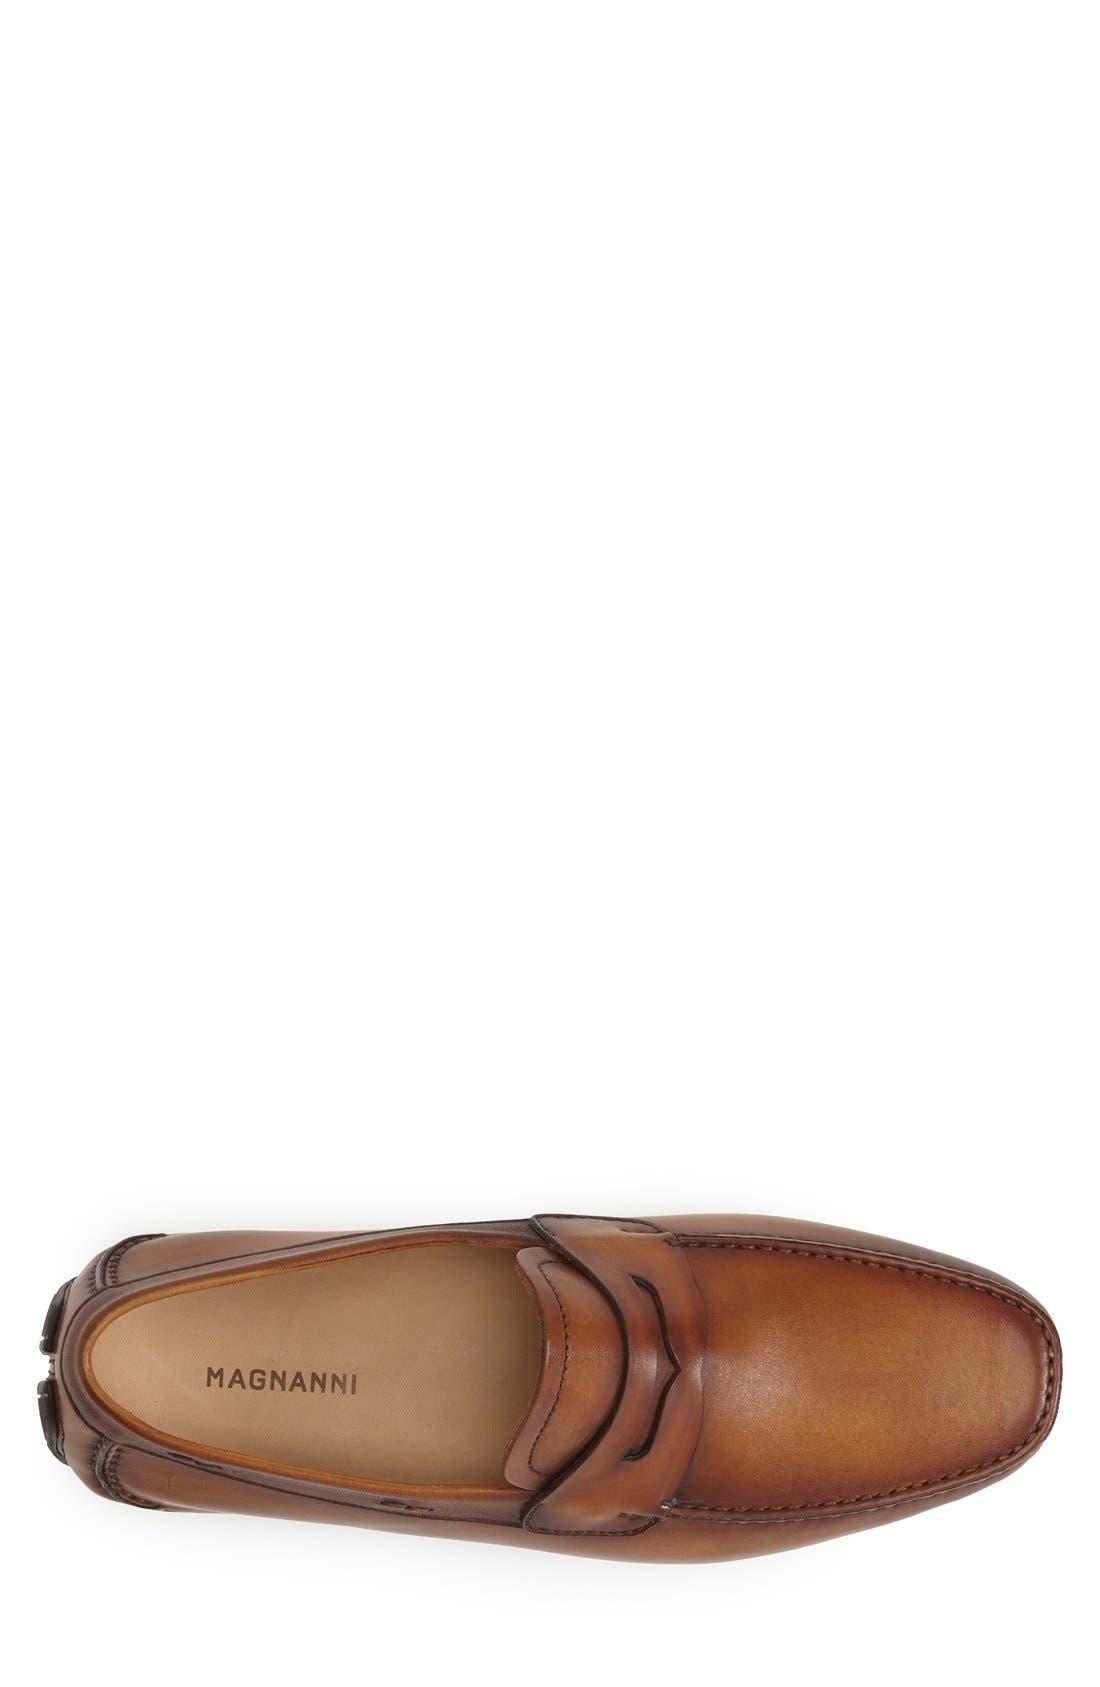 Alternate Image 3  - Magnanni 'Dylan' Leather Driving Shoe (Men)